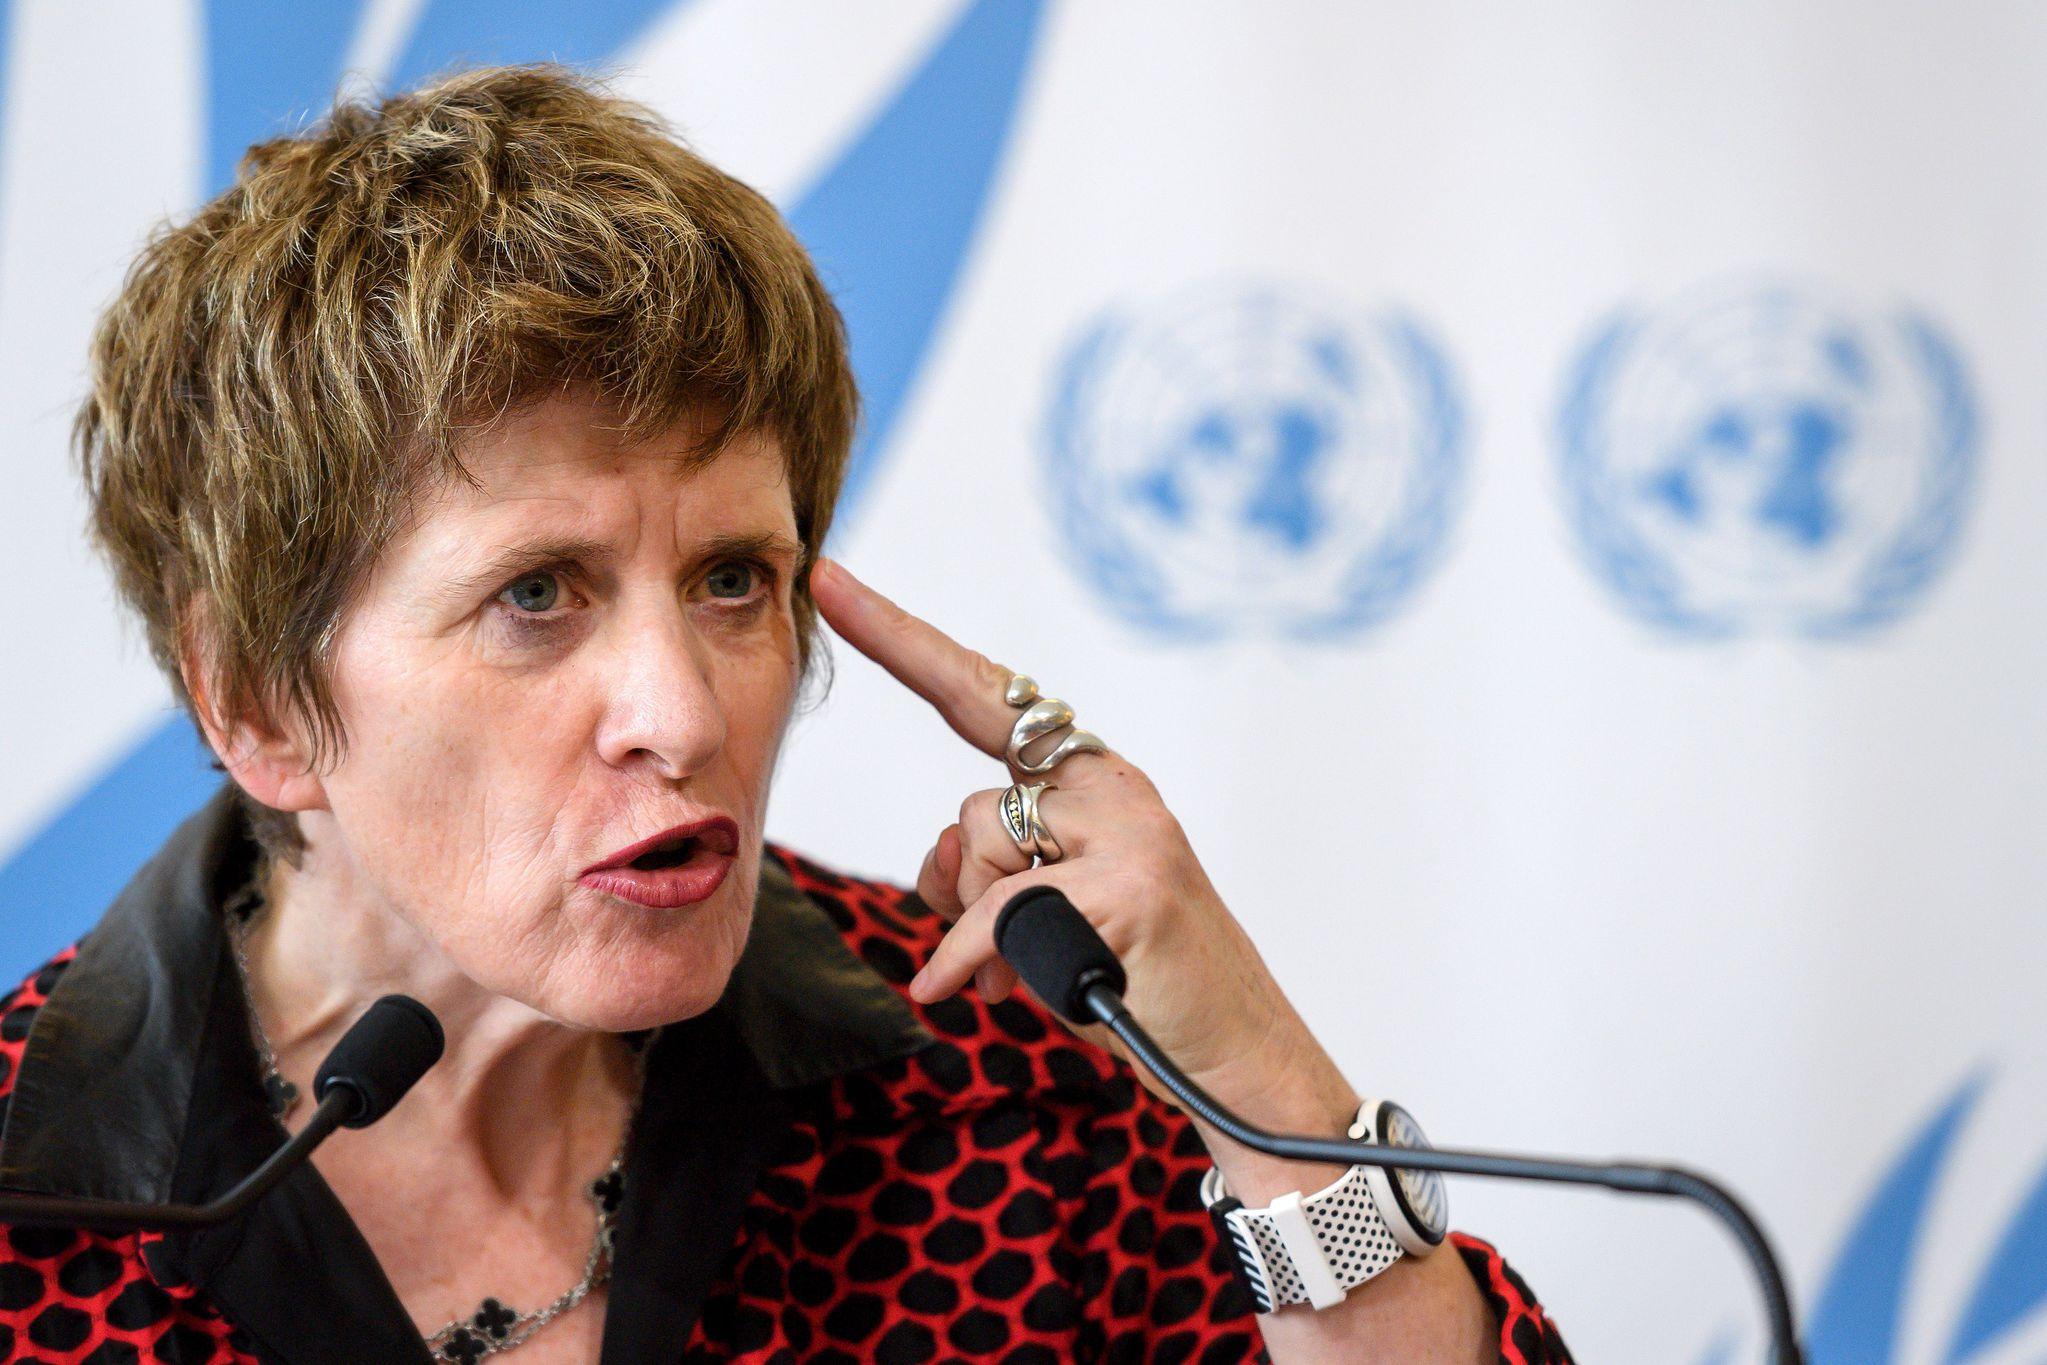 BM Esed'i çocuklara karşı işlenen savaş suçlarının sorumlusu olarak gösterdi